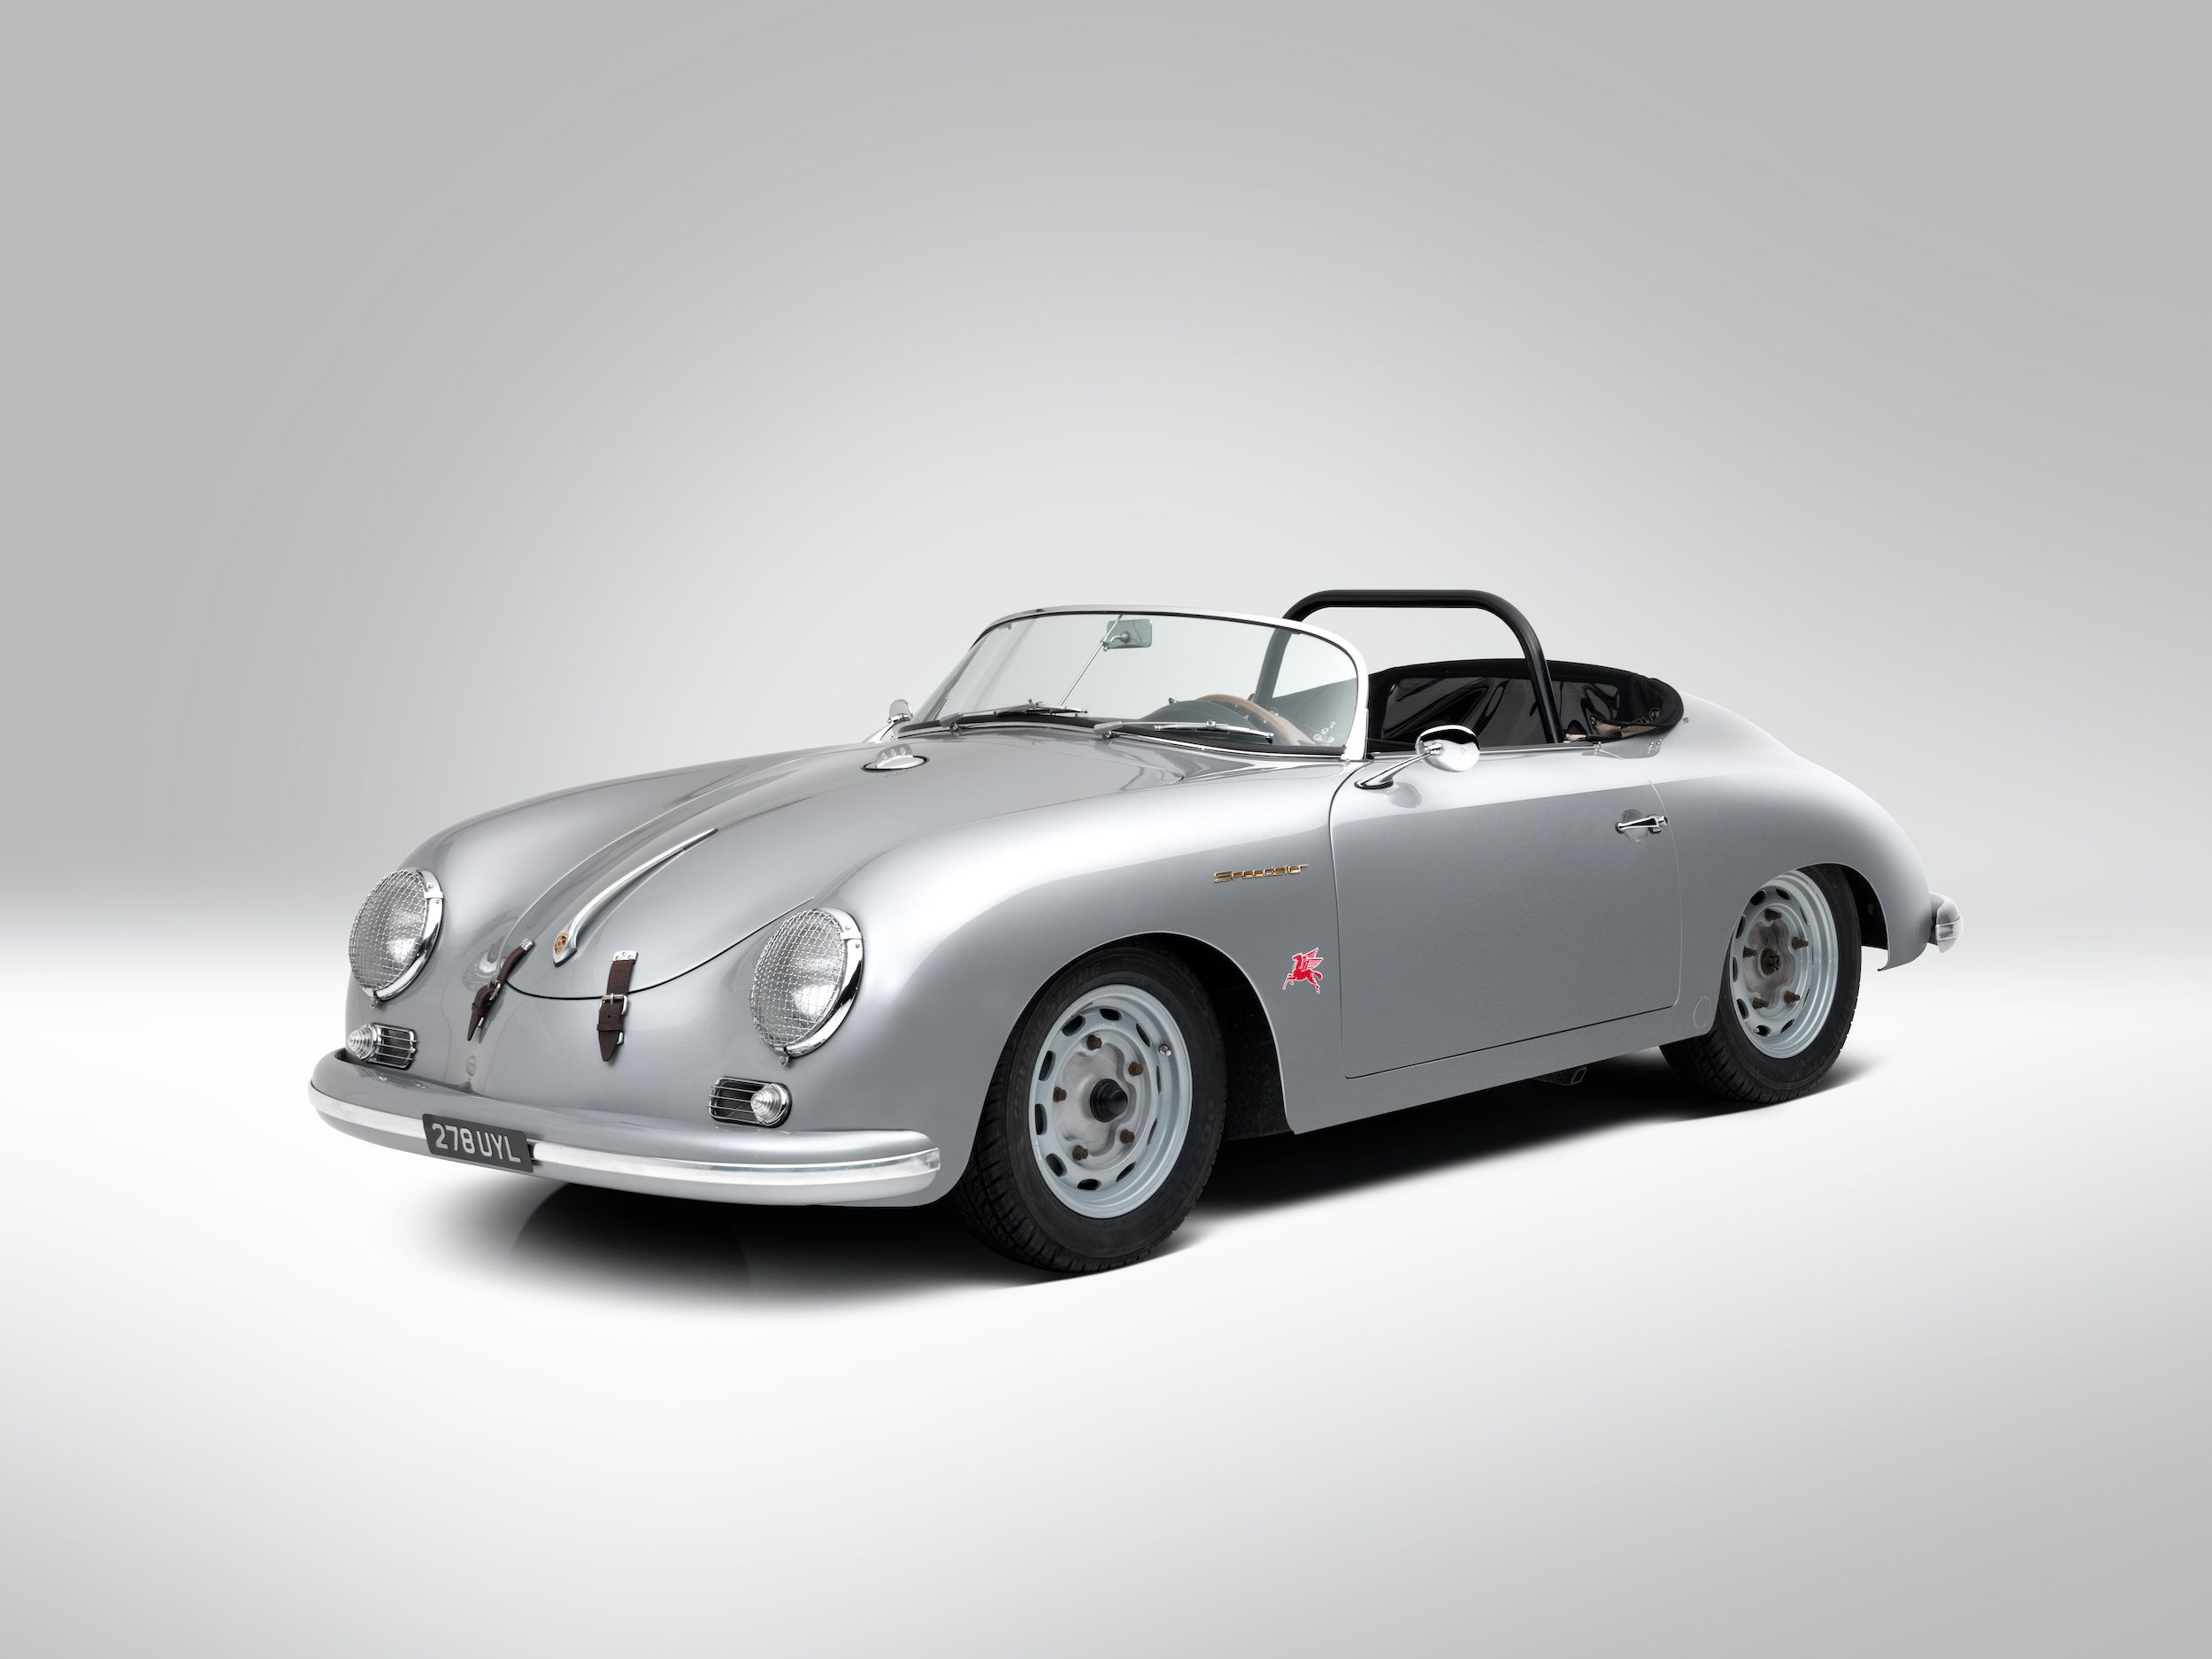 small resolution of 1958 porsche 356 a 1600 super speedster